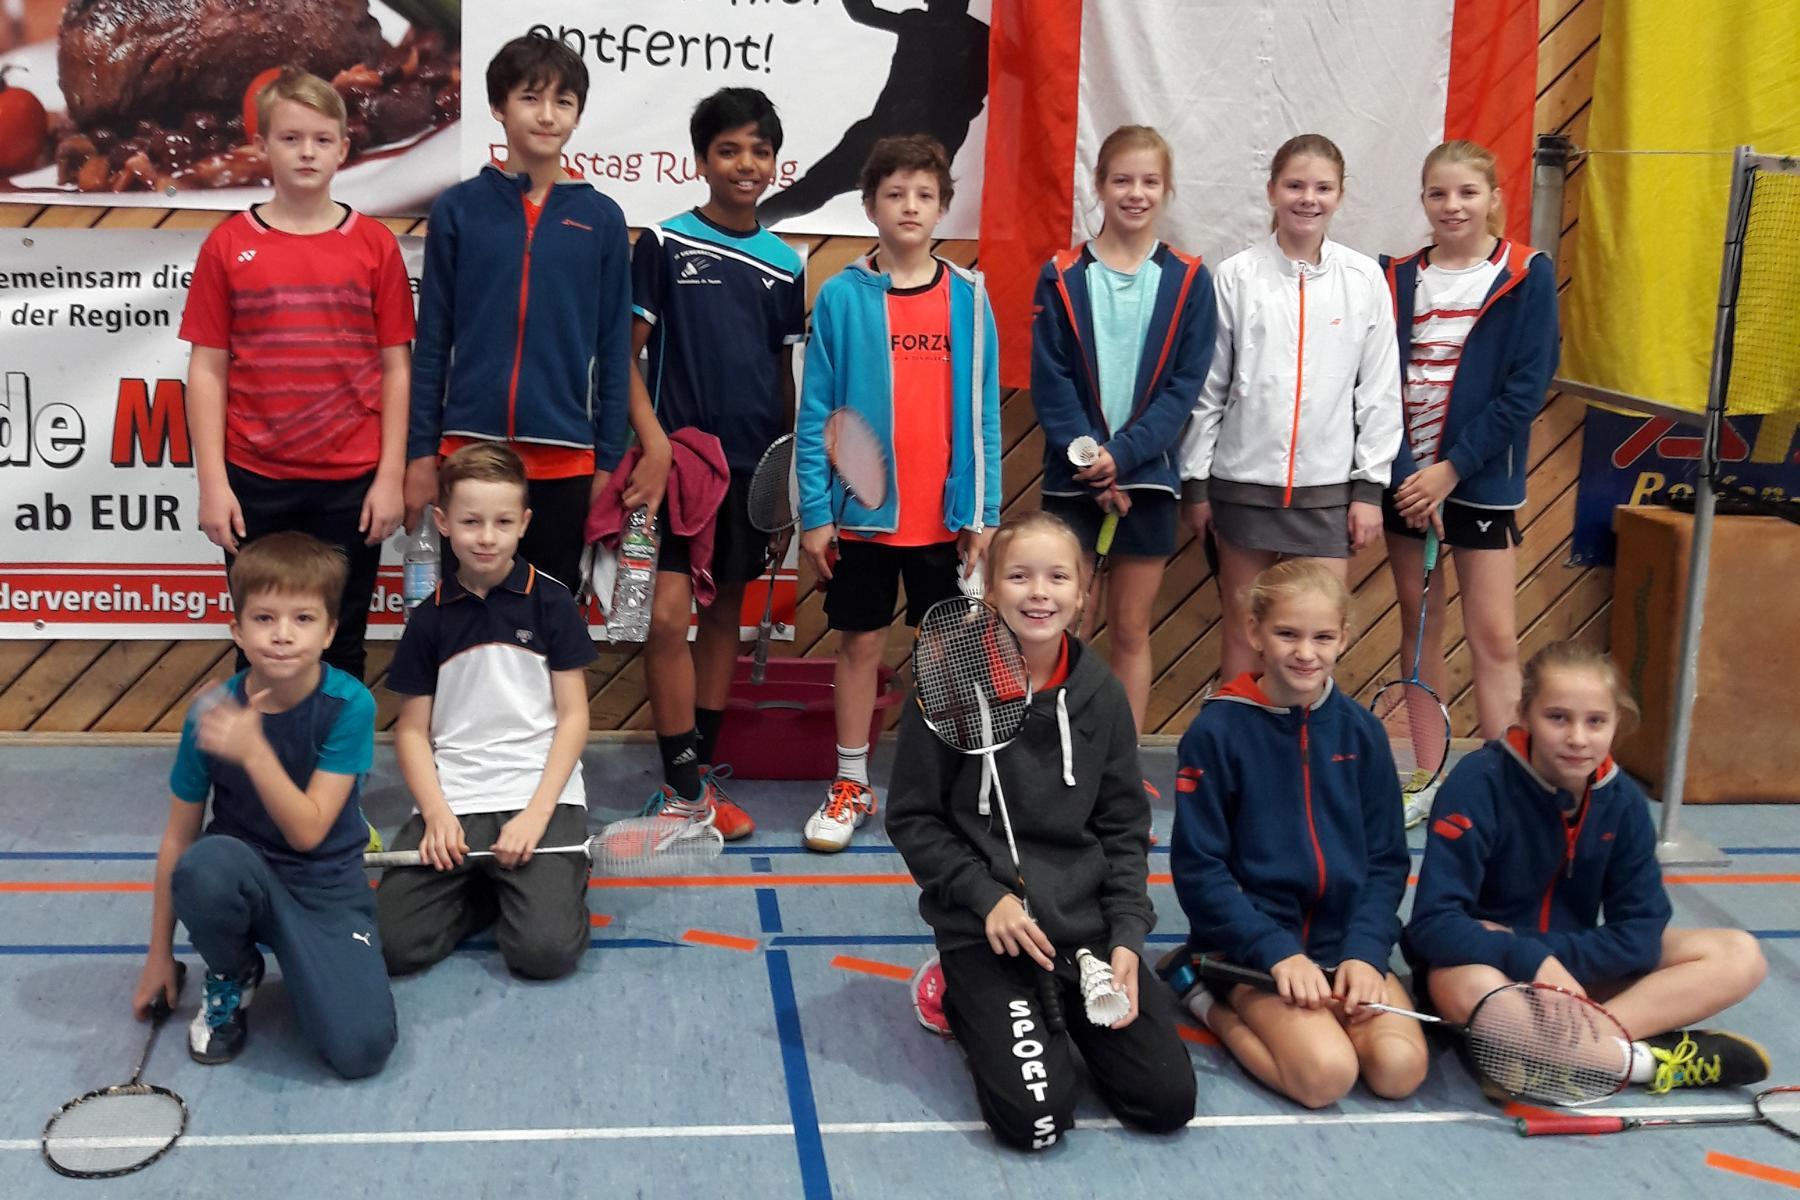 Gruppenbild aus Liebenau vom Wertungsturnier der German Masters Serie U11/U13